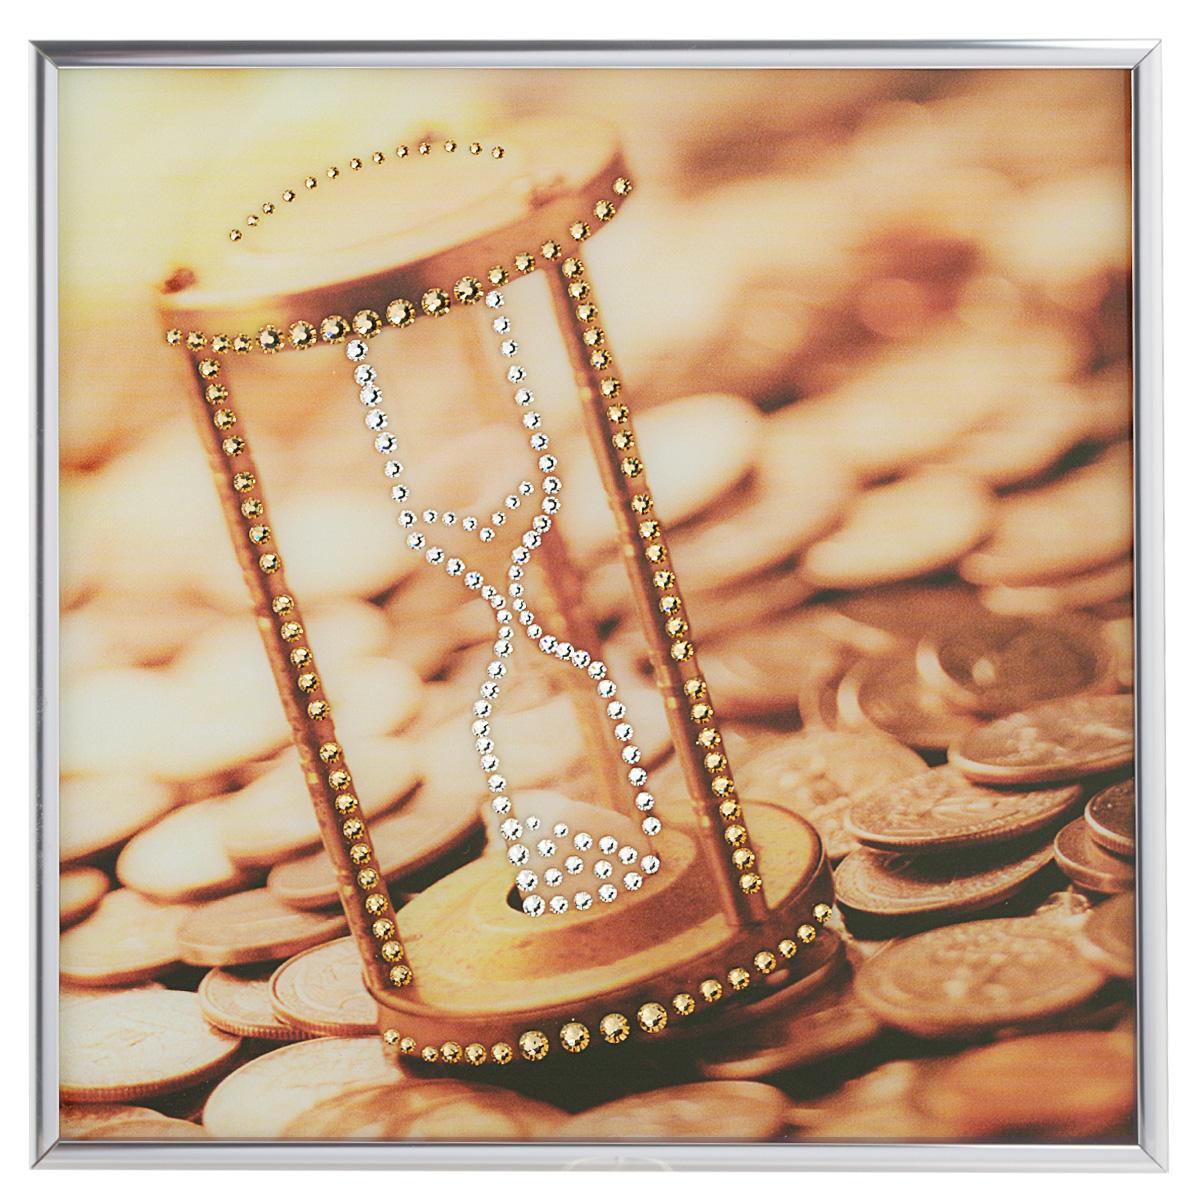 Картина с кристаллами Swarovski Время деньги, 25 х 25 смIDEA FL2-01Изящная картина в металлической раме, инкрустирована кристаллами Swarovski, которые отличаются четкой и ровной огранкой, ярким блеском и чистотой цвета. Красочное изображение песочных часов и монет, расположенное под стеклом, прекрасно дополняет блеск кристаллов. С обратной стороны имеется металлическая петелька для размещения картины на стене.Картина с кристаллами Swarovski Время деньги элегантно украсит интерьер дома или офиса, а также станет прекрасным подарком, который обязательно понравится получателю. Блеск кристаллов в интерьере, что может быть сказочнее и удивительнее. Картина упакована в подарочную картонную коробку синего цвета и комплектуется сертификатом соответствия Swarovski.